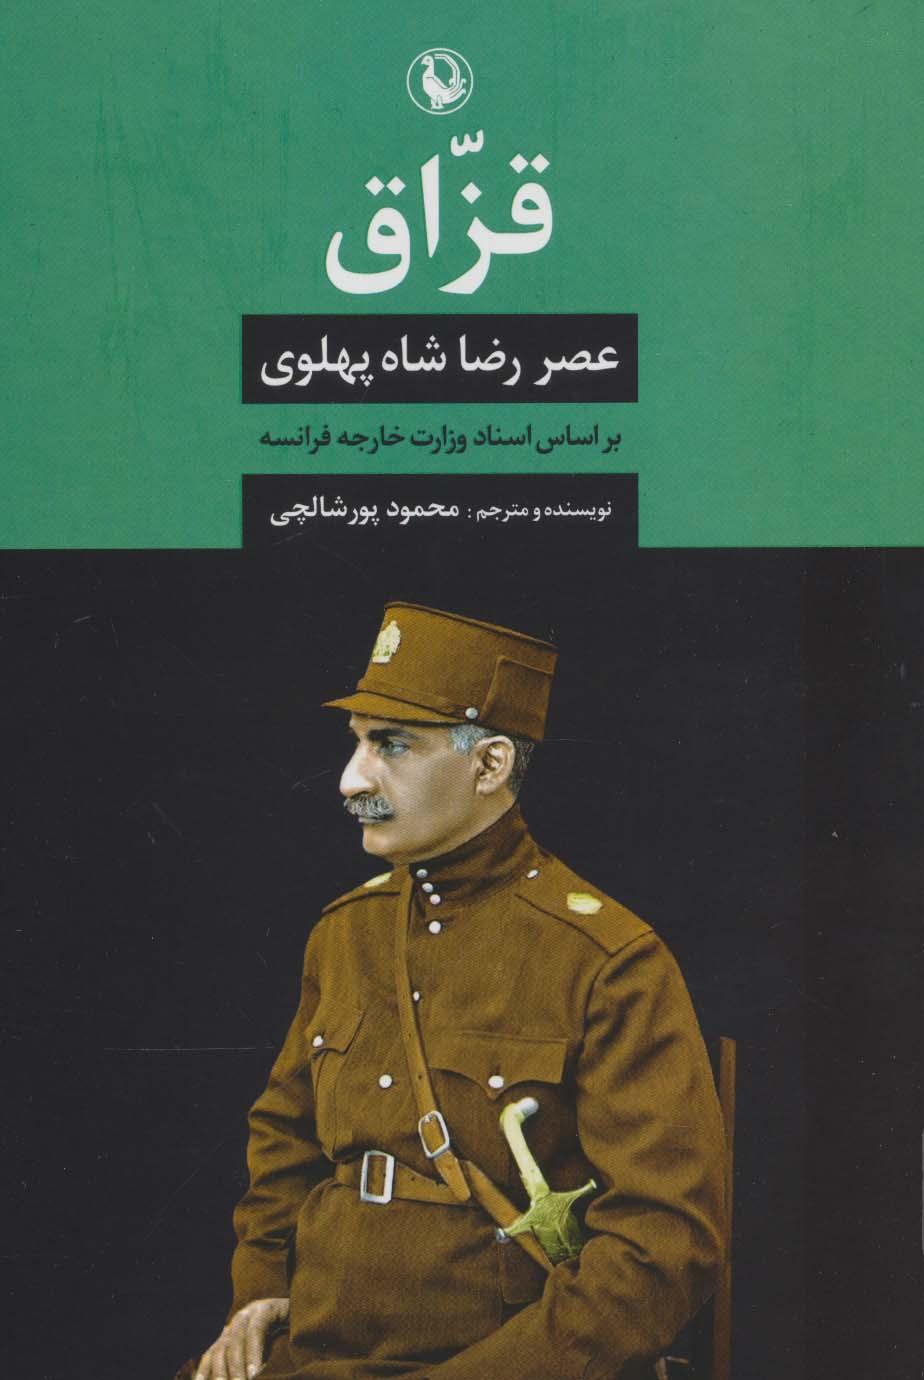 قزاق (عصر رضا شاه پهلوی)